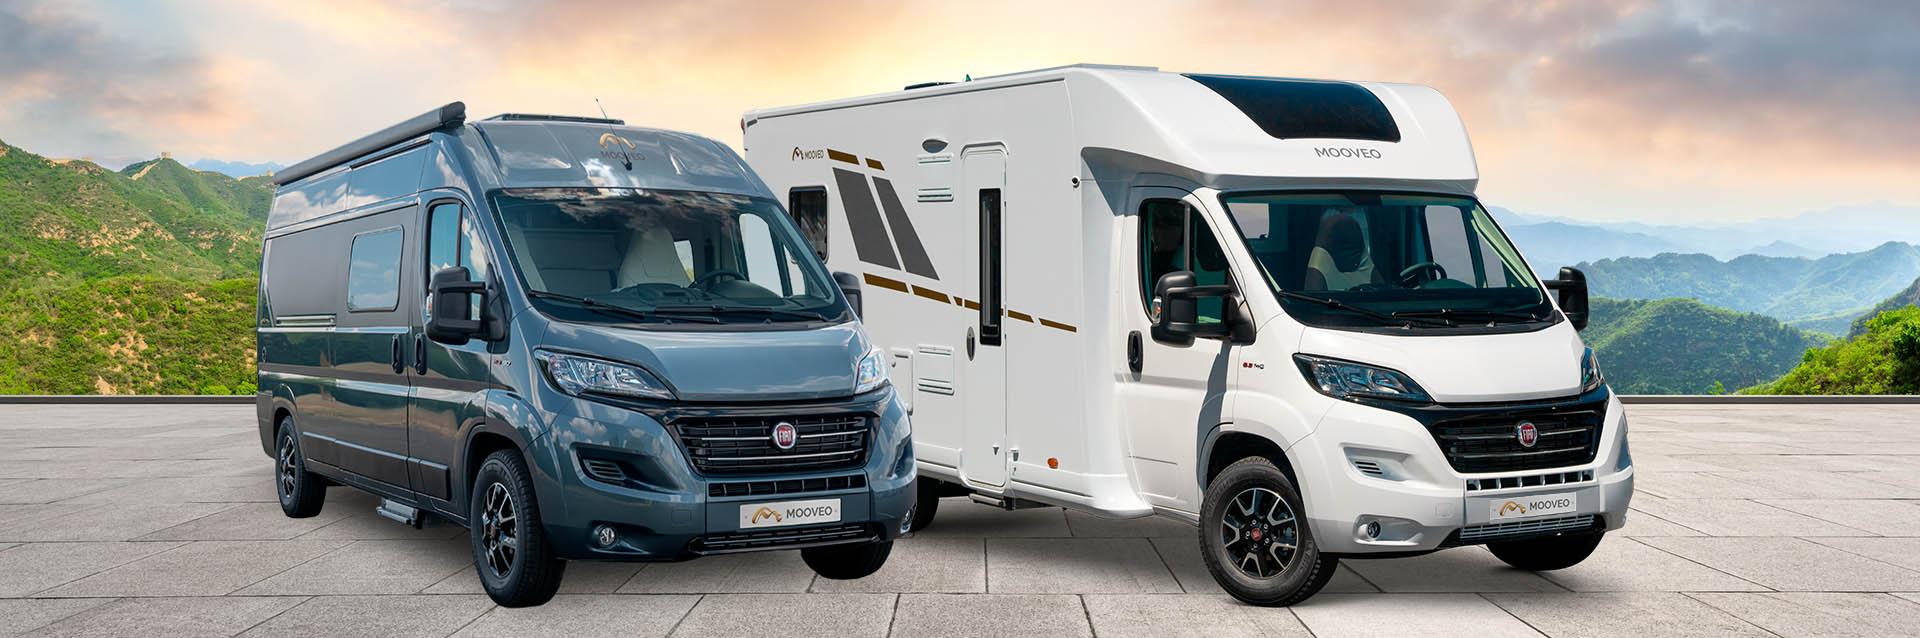 Wohnmobilhändler - Mooveo Wohnmobile und Mooveo Vans